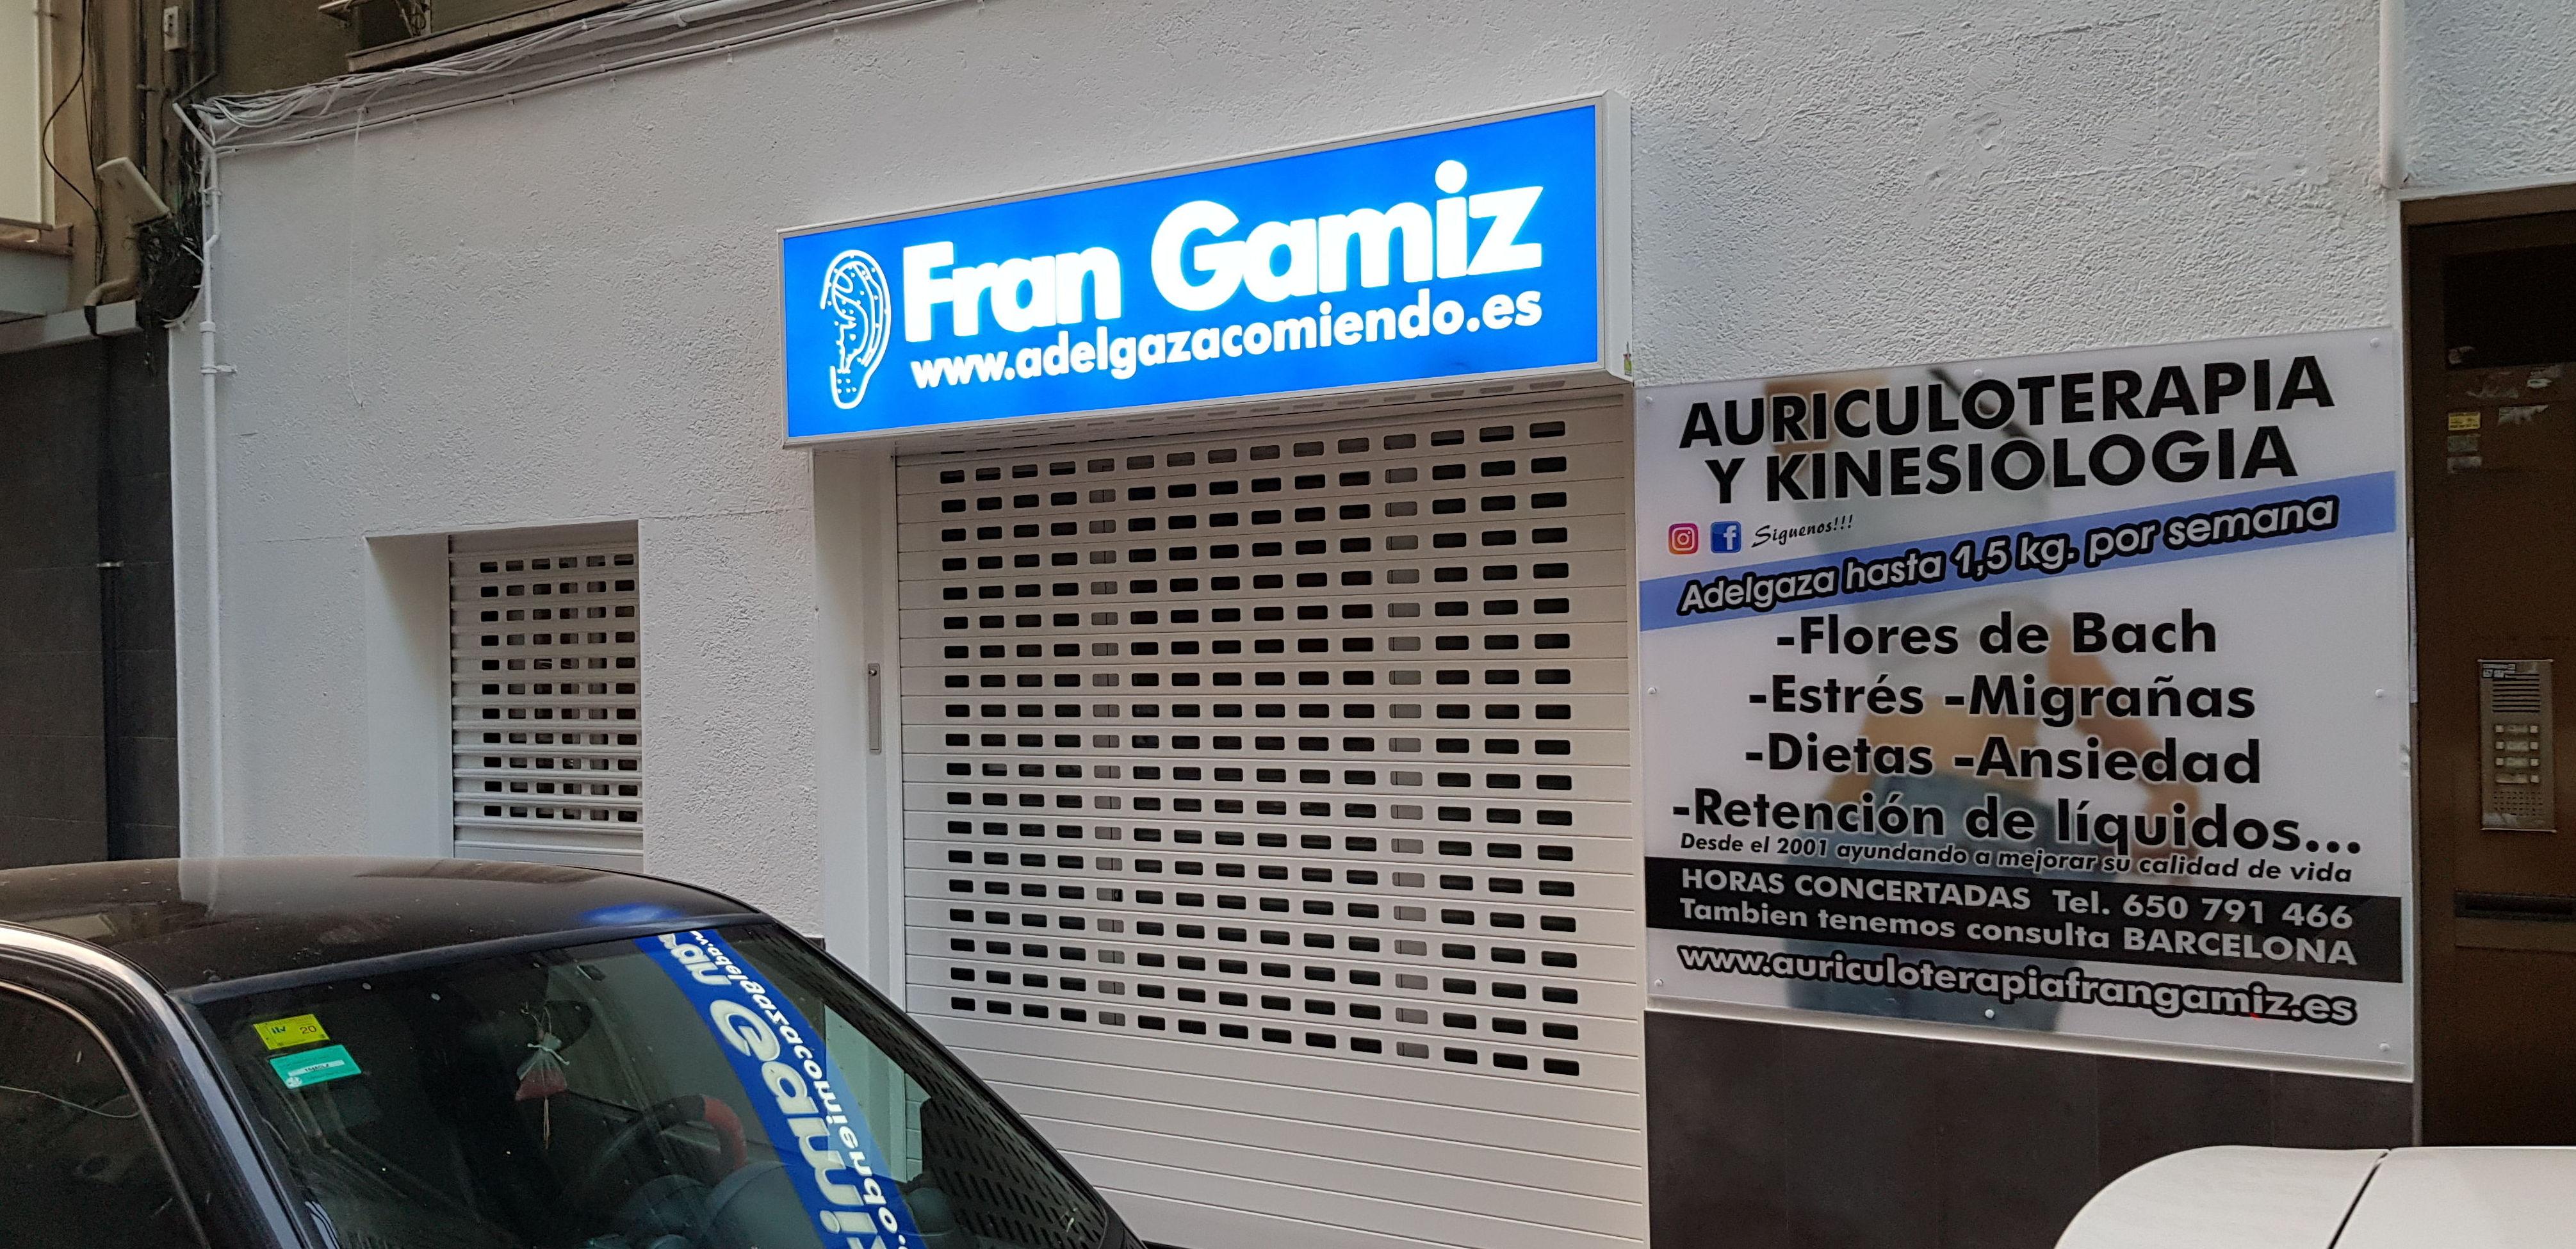 Perder peso con auriculoterapia en Blanes, Girona